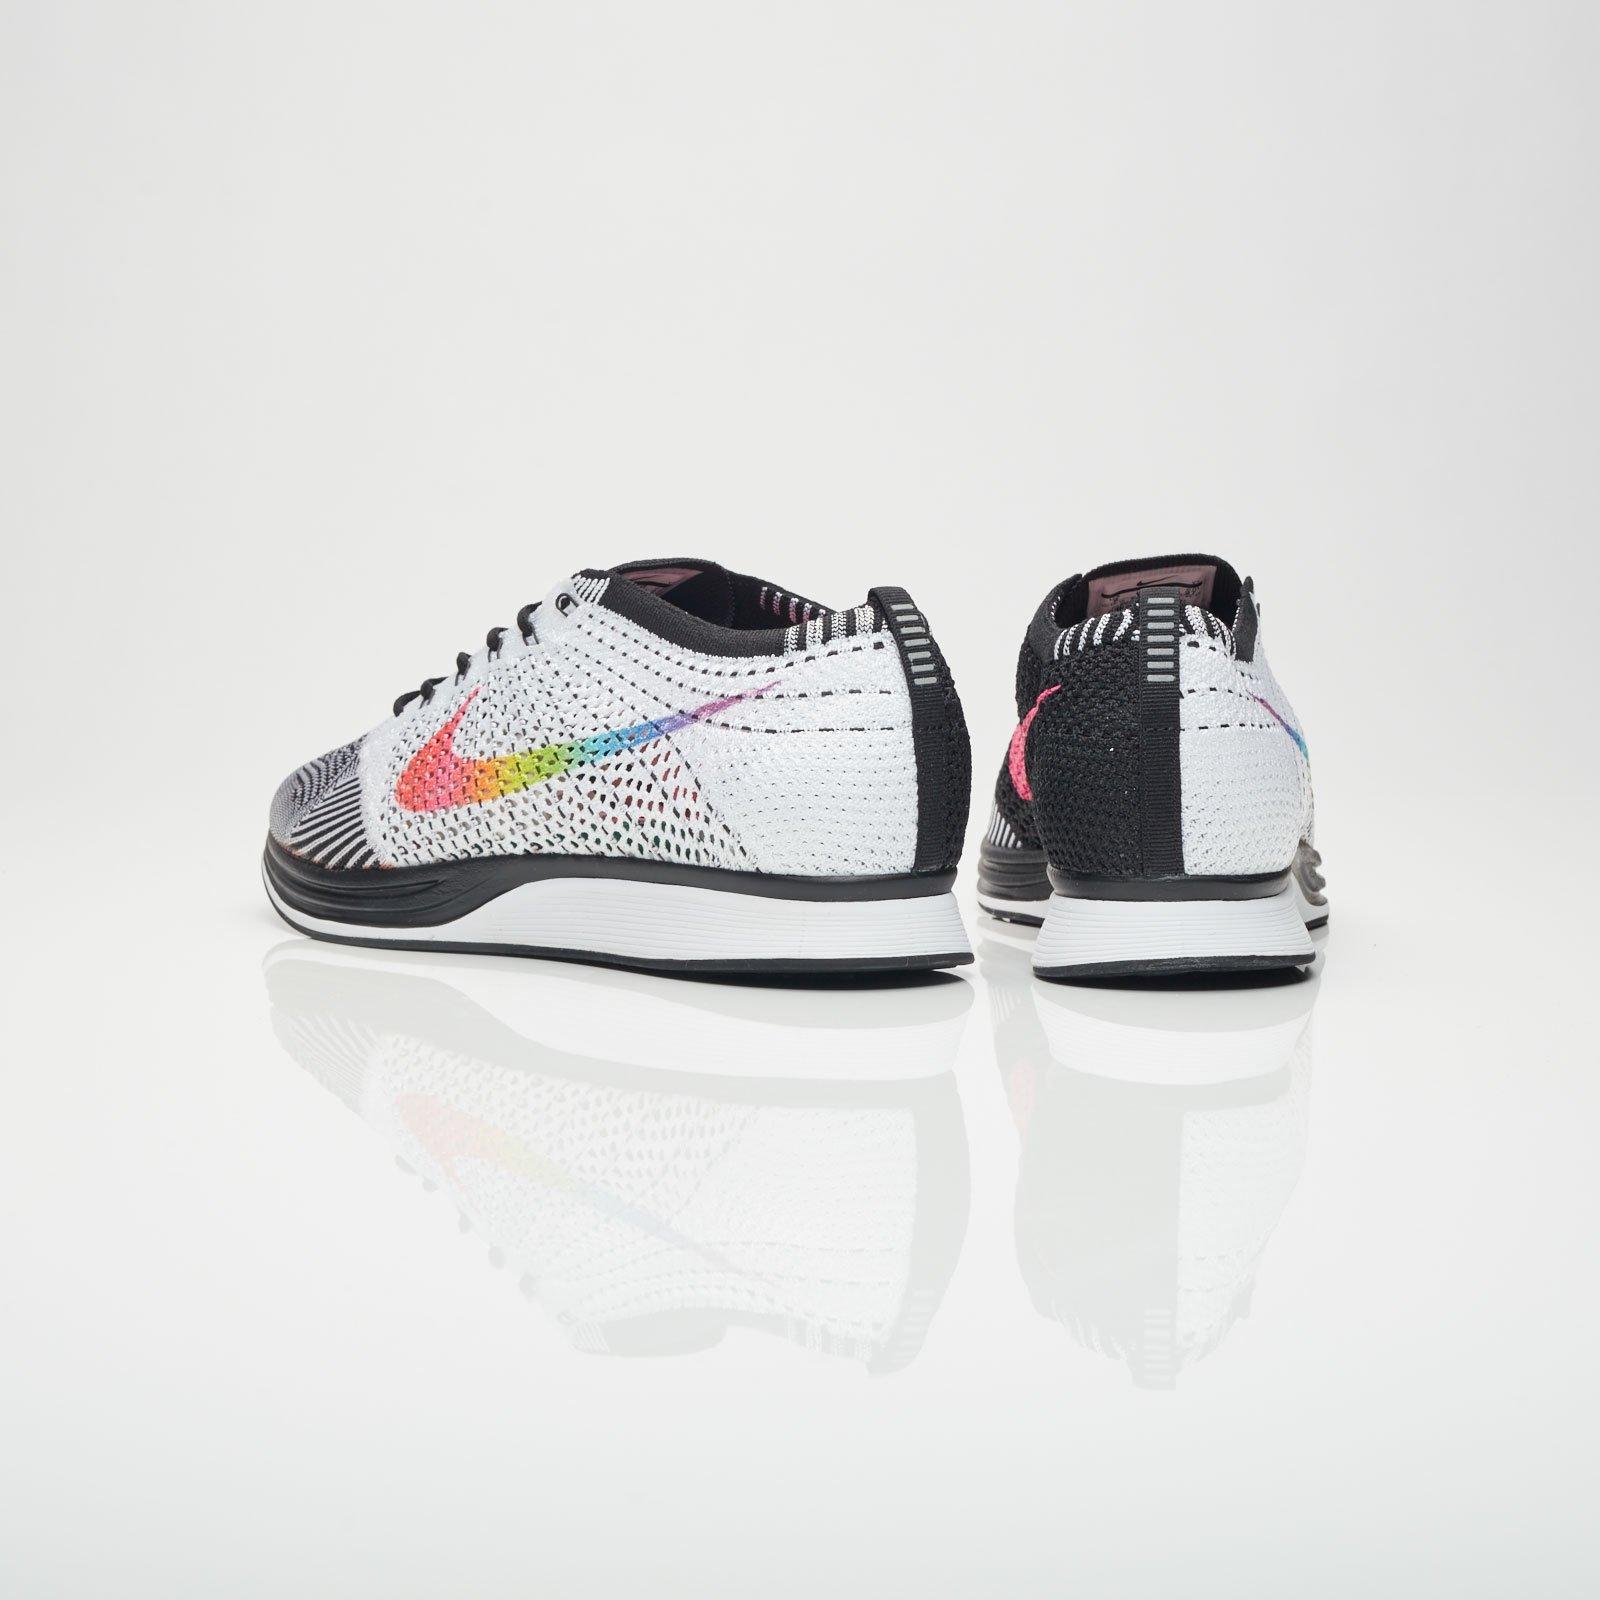 18c38e1aba996 Nike Flyknit Racer BETRUE - 902366-100 - Sneakersnstuff